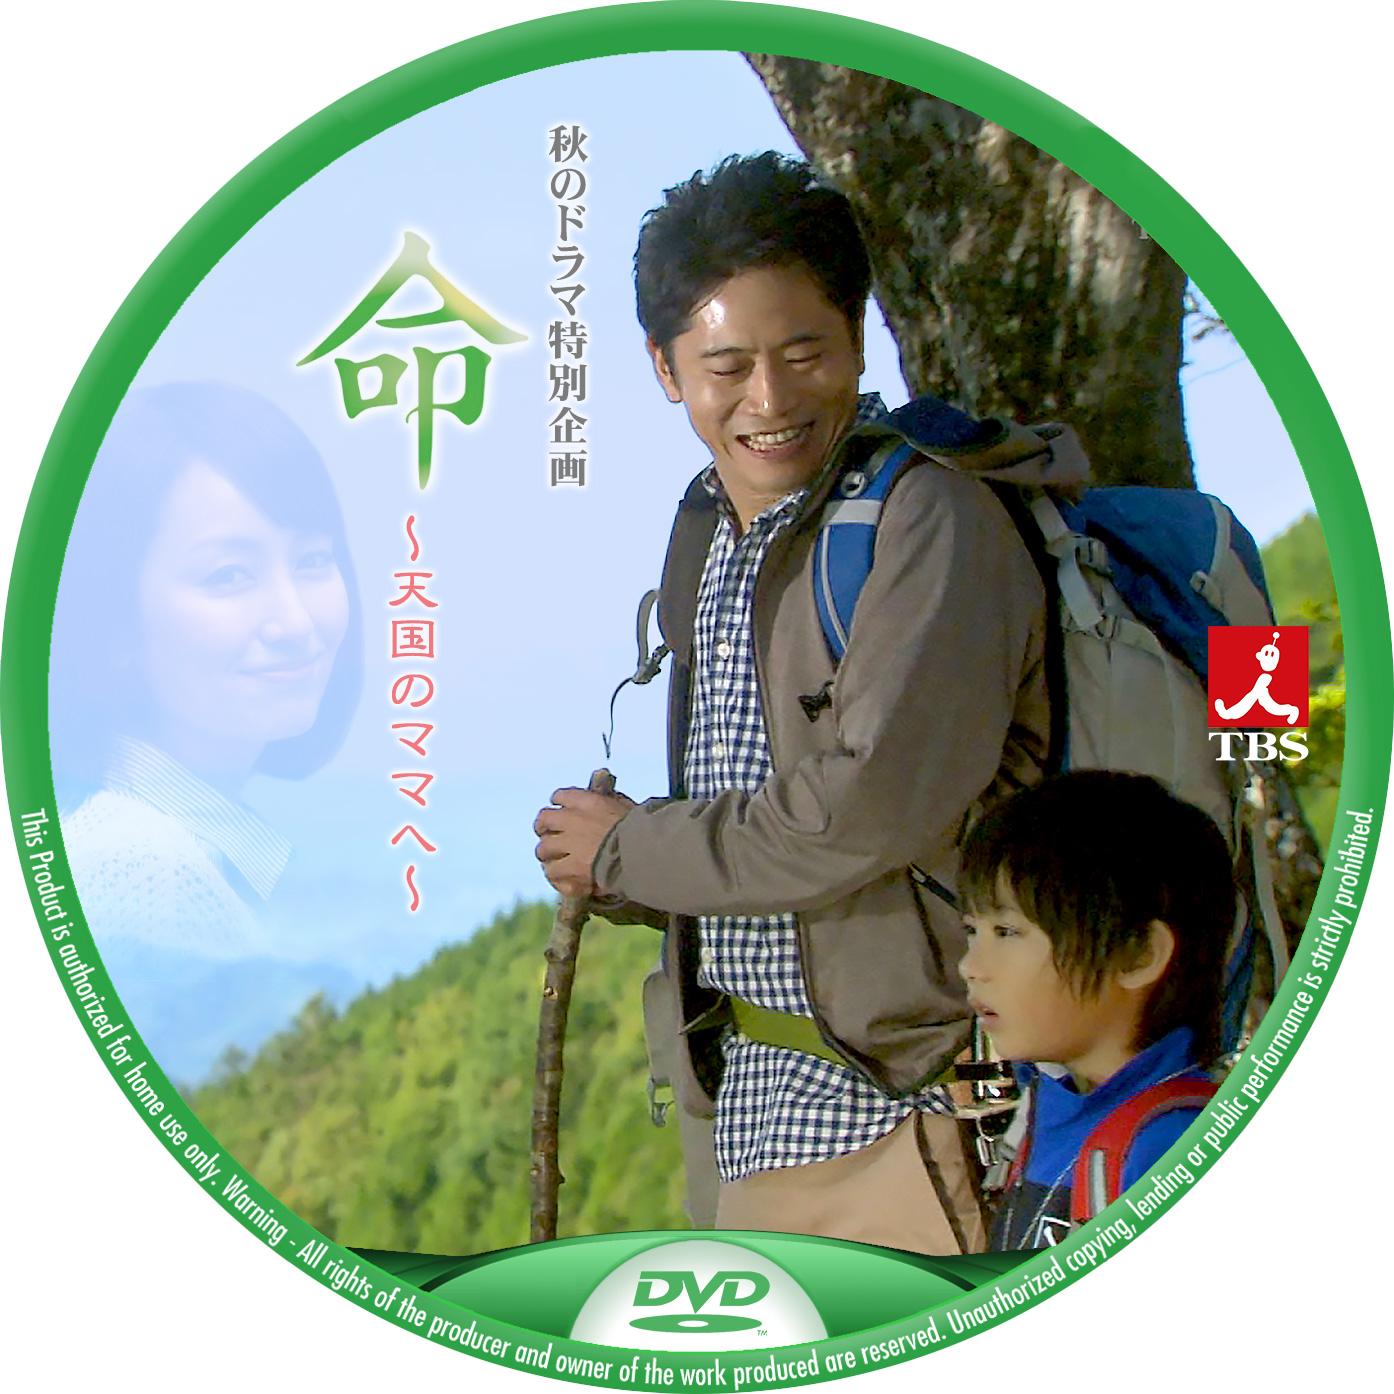 天国のママへ DVDラベル